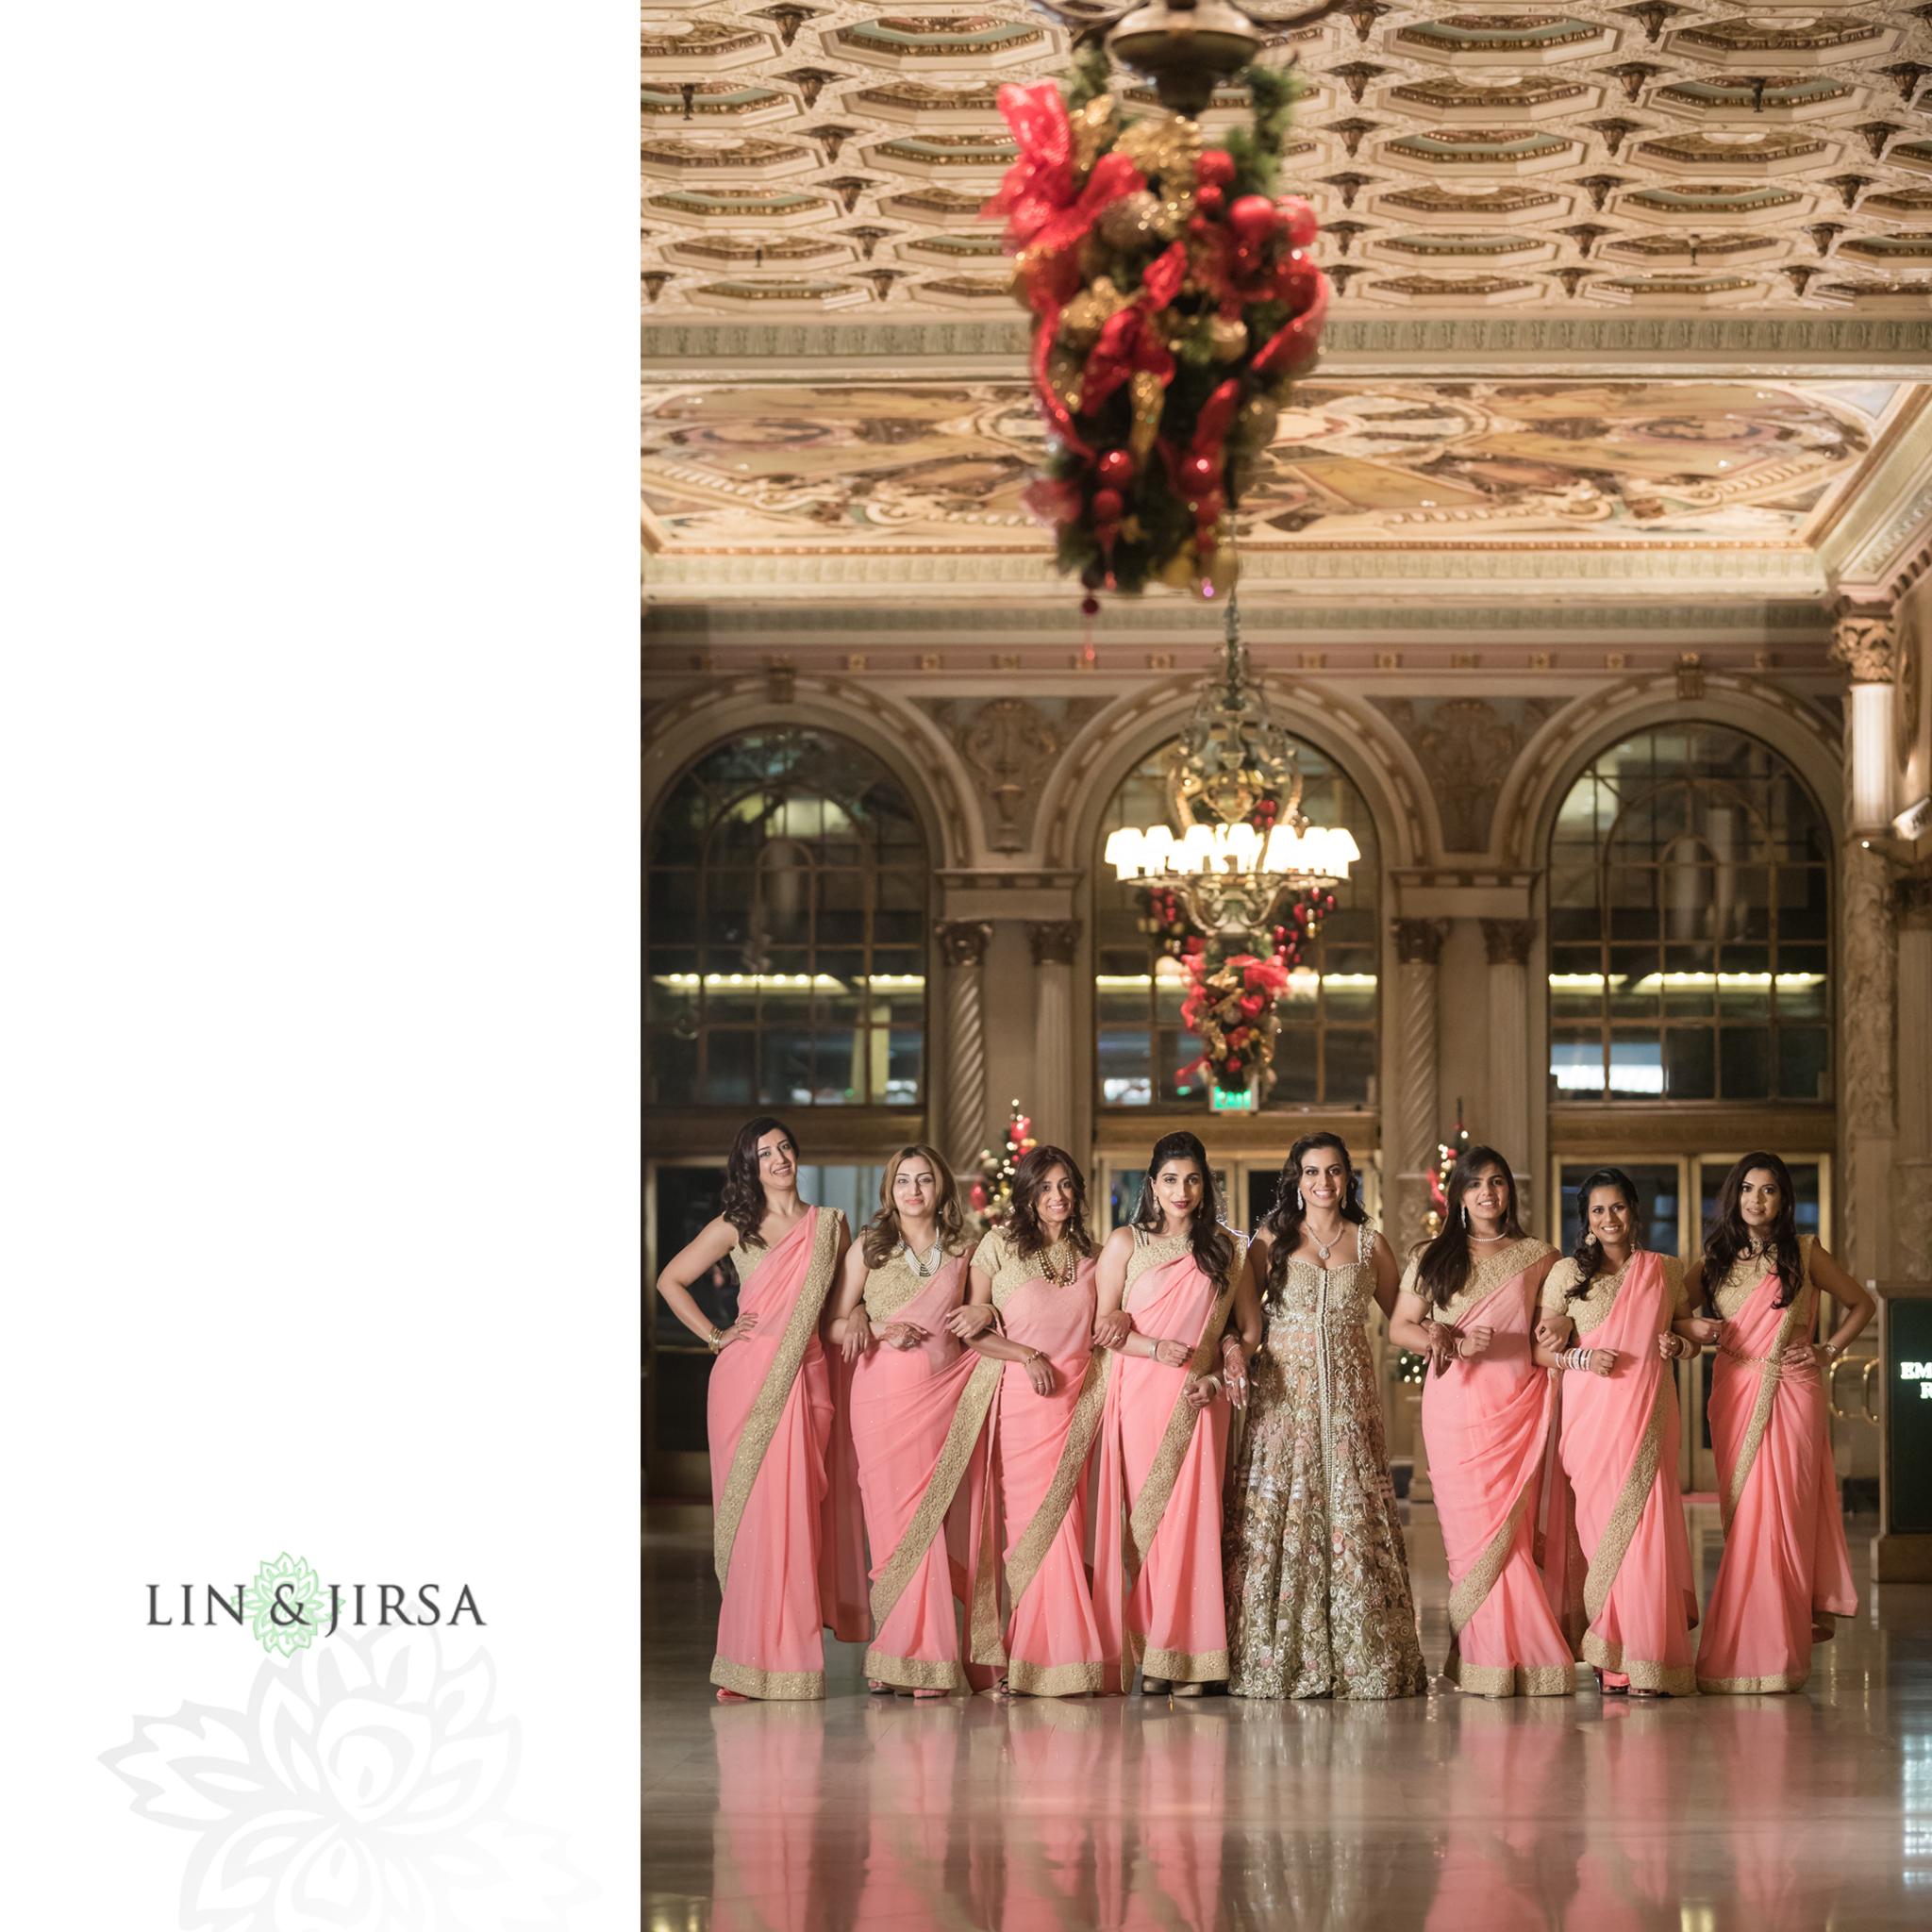 05-biltmore-hotel-los-angeles-wedding-reception-photography